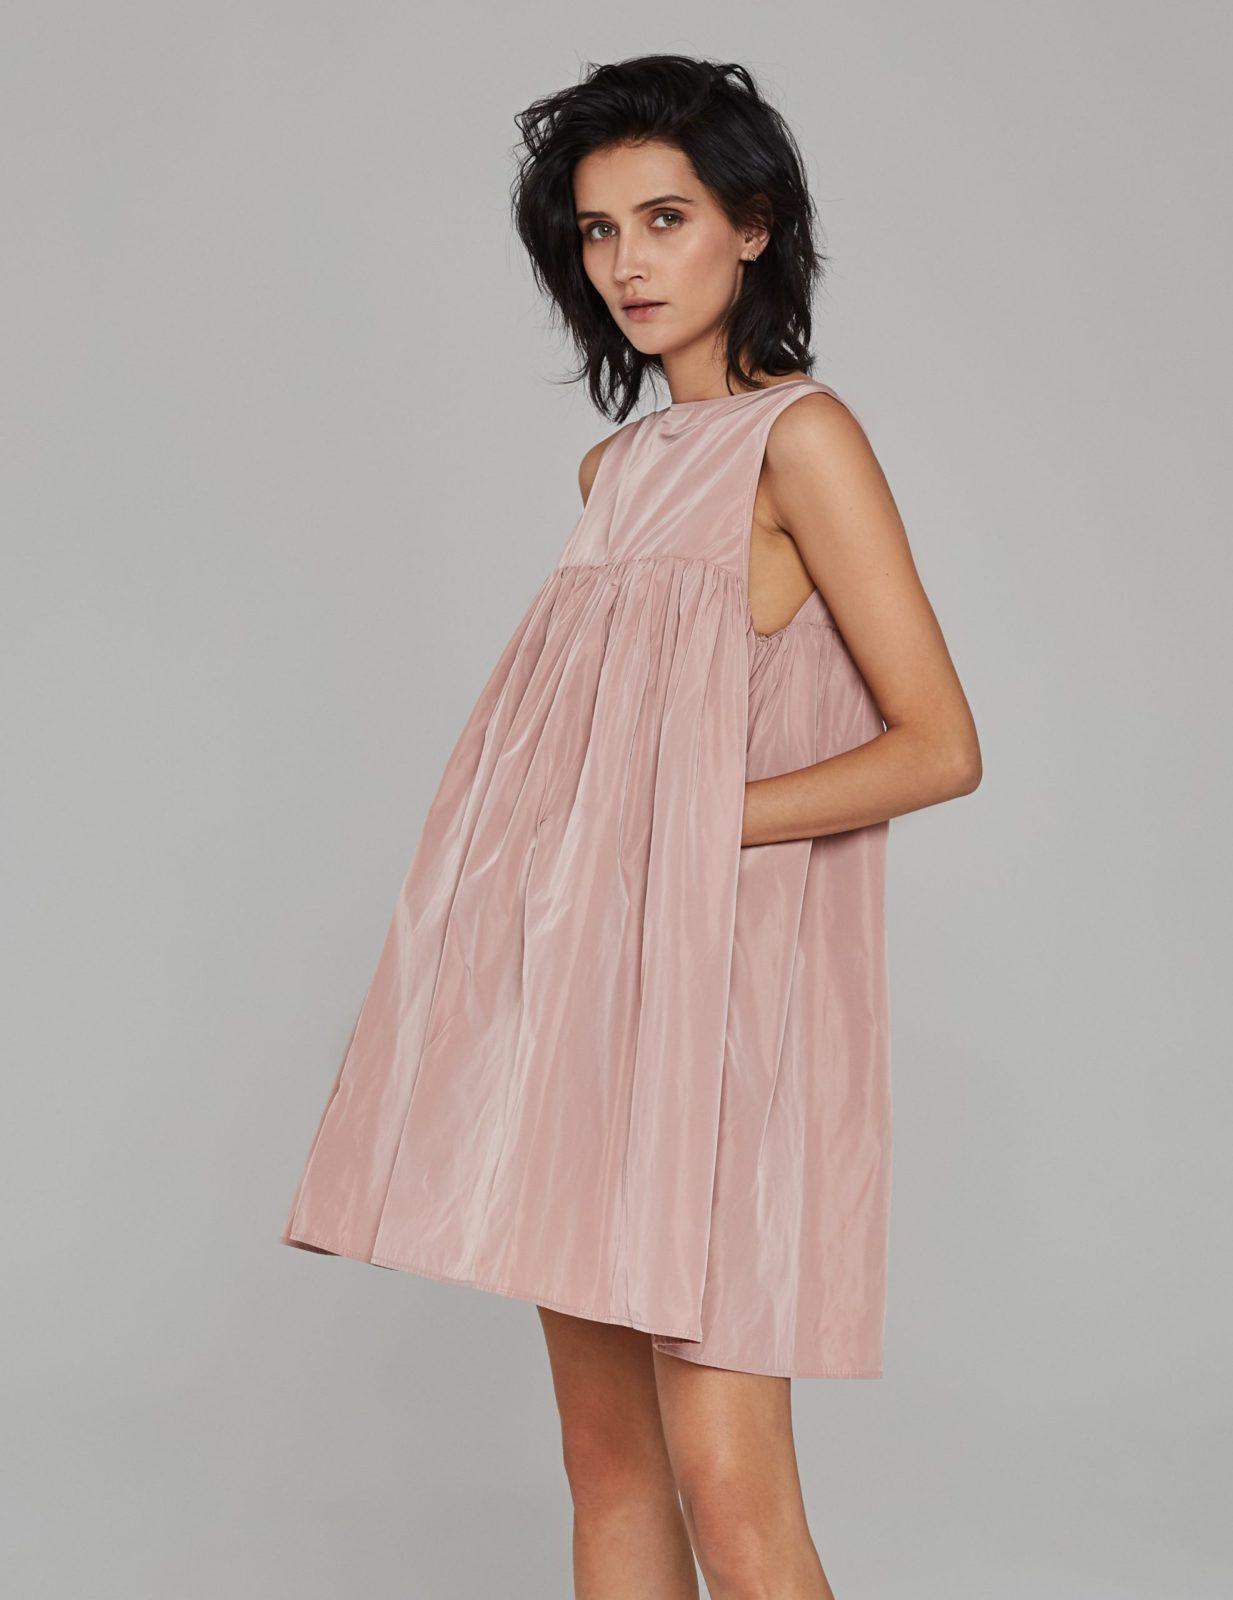 sukienka z tafty z falbana 01 (2)